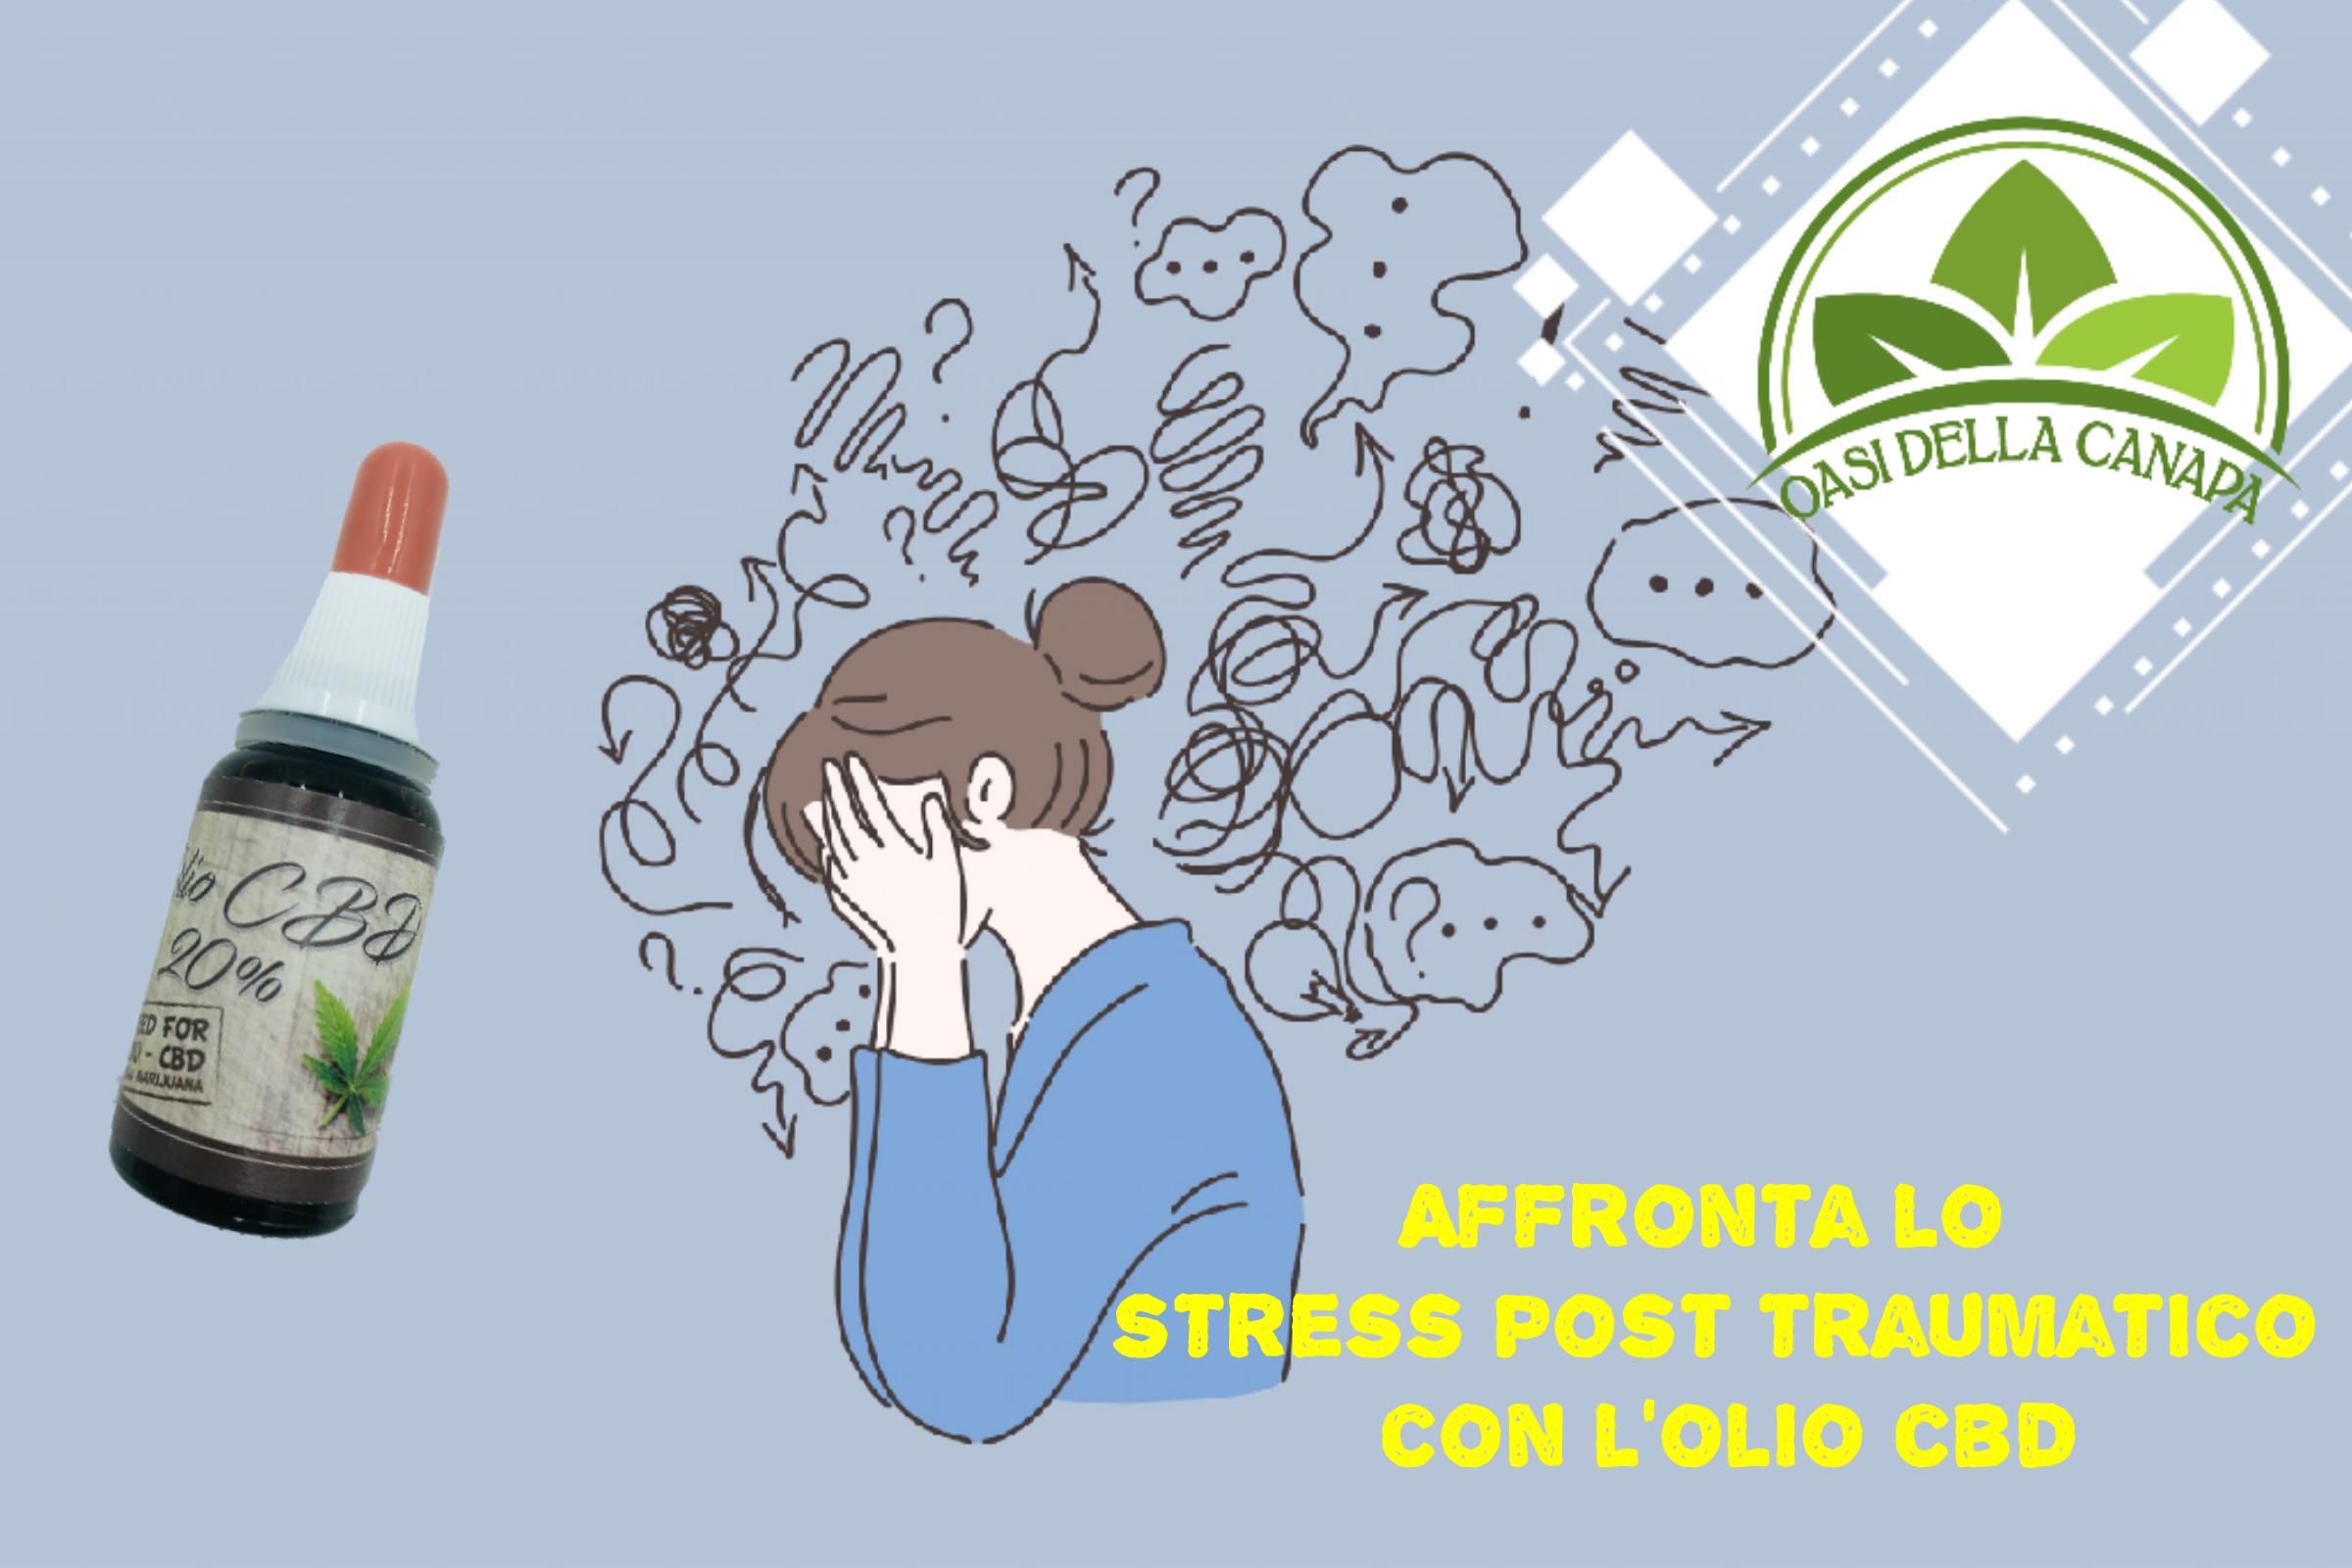 Affronta lo Stress Post Traumatico con il Cbd della Canapa